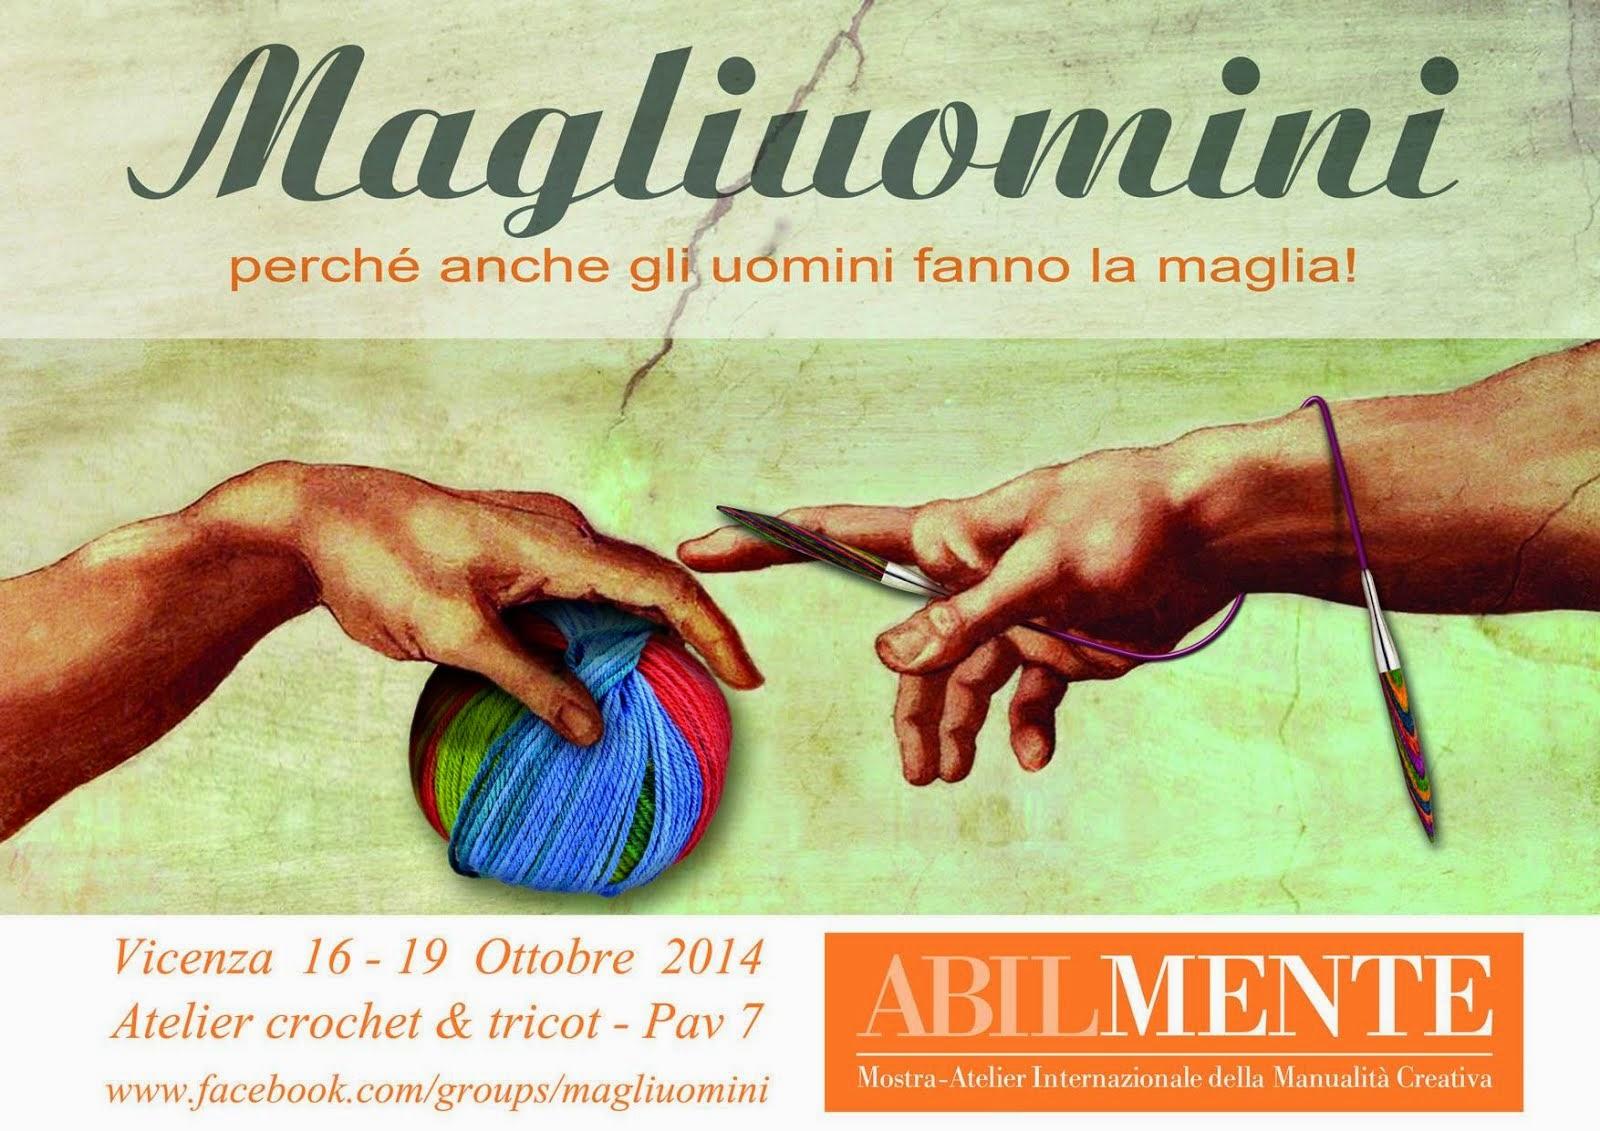 MAGLIUOMINI 4 ABILMENTE